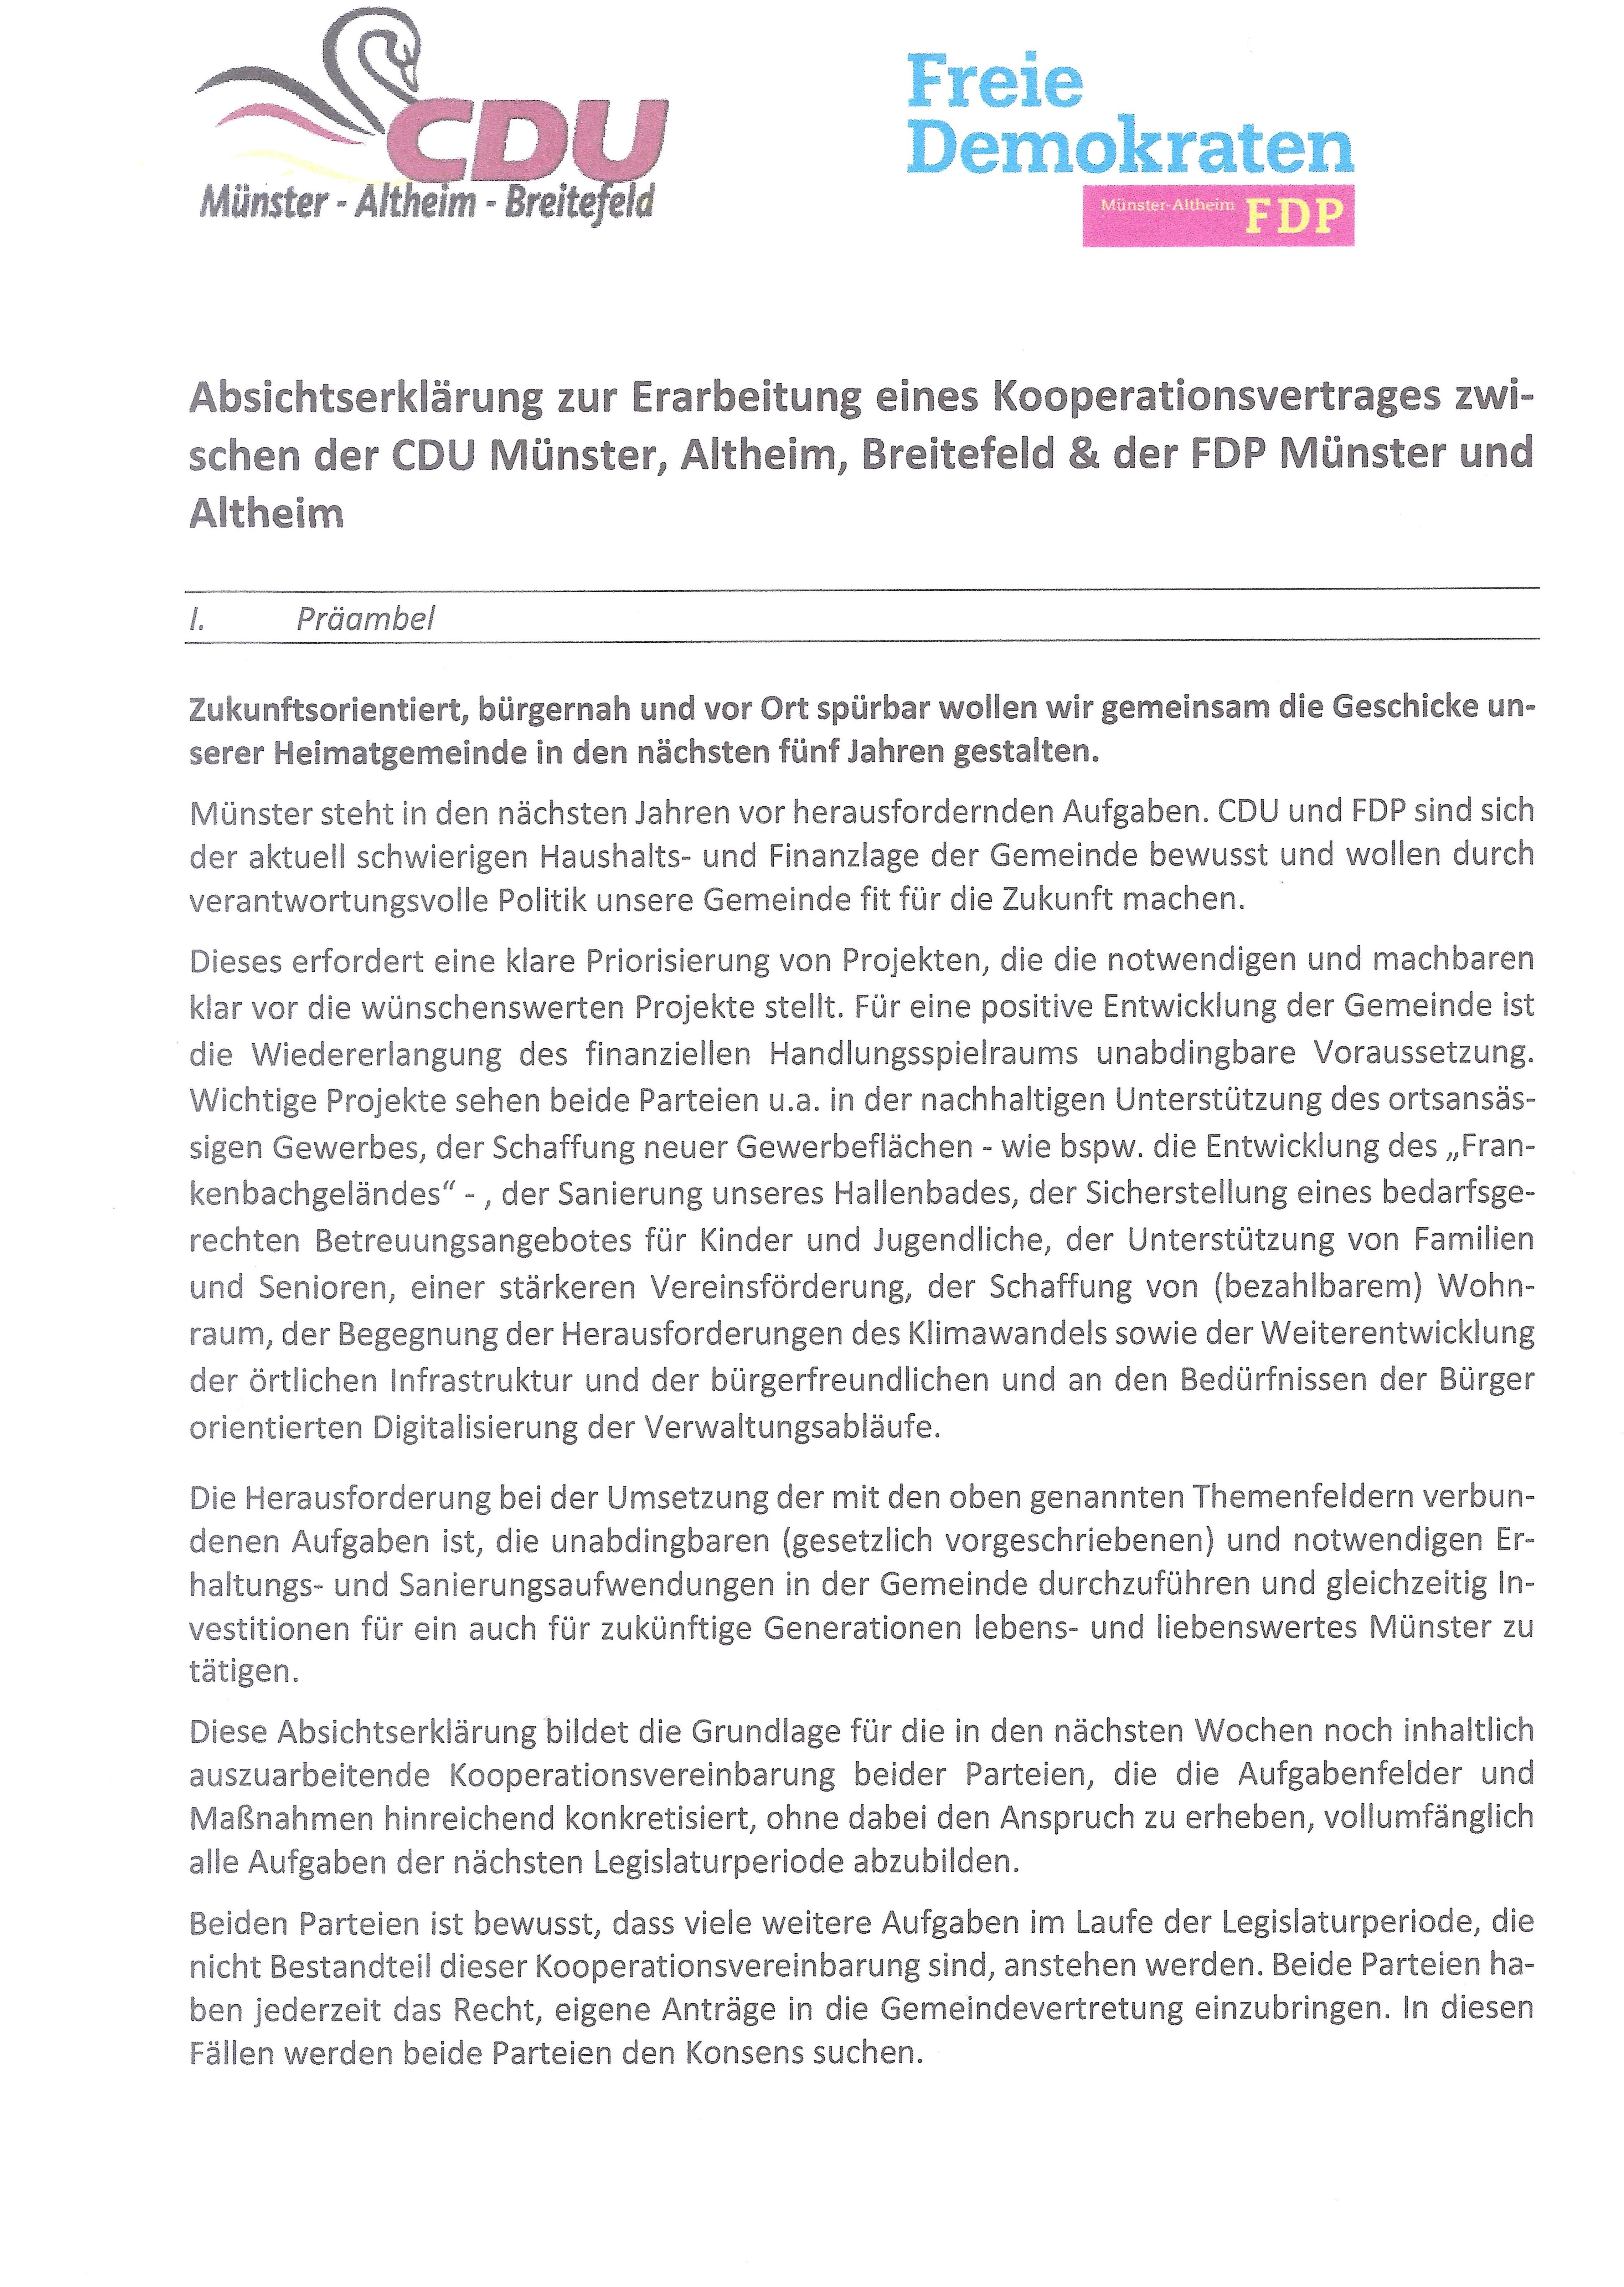 Die von CDU und FDP unterzeichnete Absichtserklärung zur Erarbeitung eines Kooperationsvertrages - Seite 1